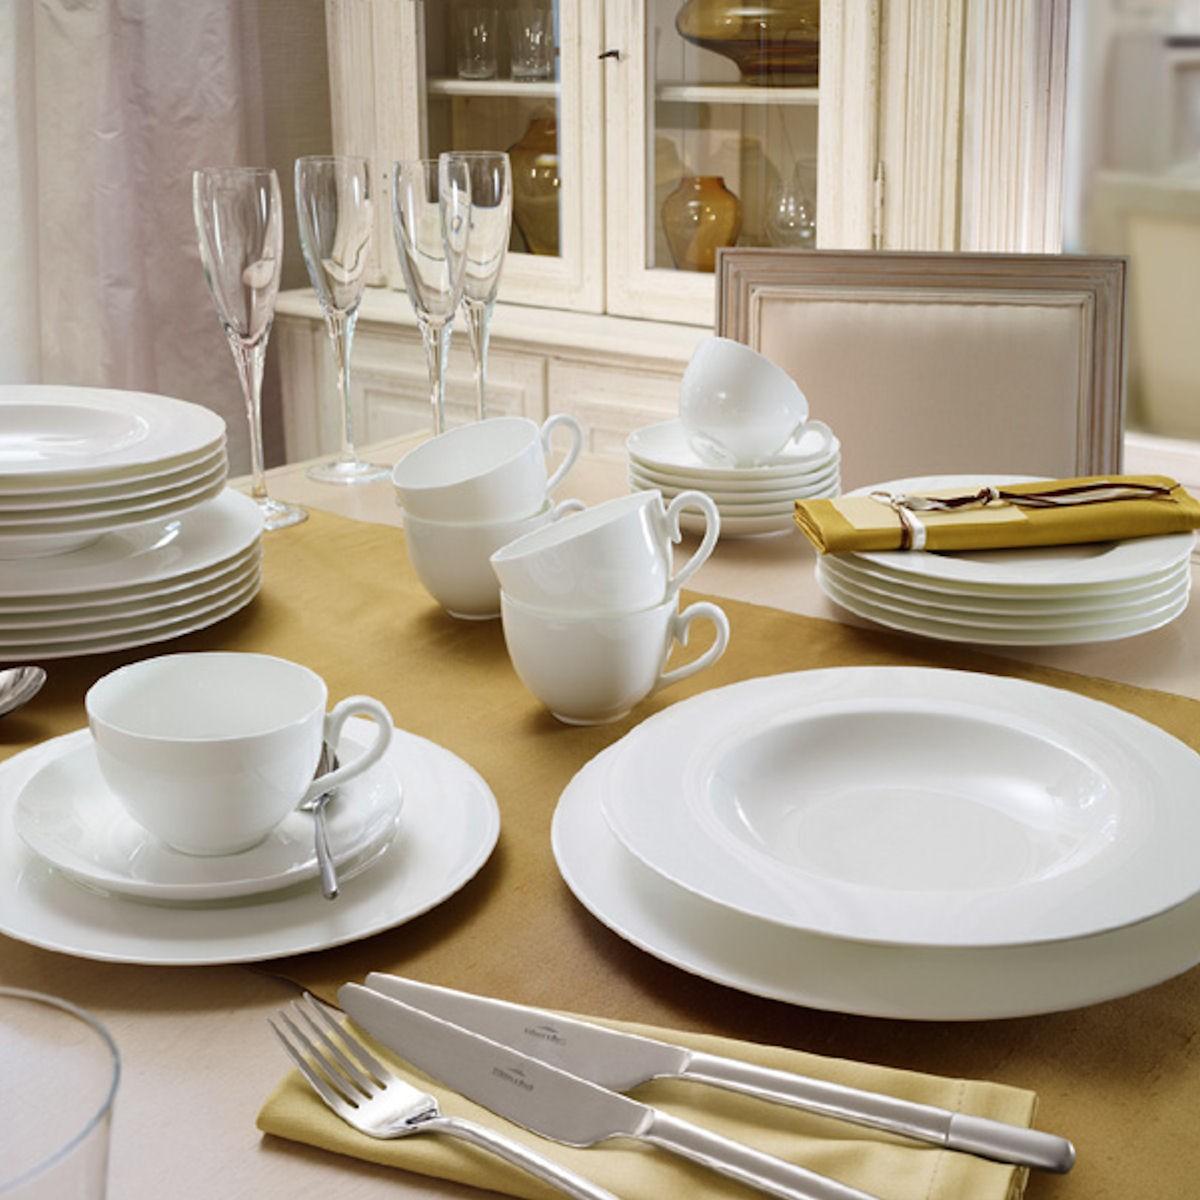 zestaw obiadowy villeroy boch royal 10 4412 7609 sklep. Black Bedroom Furniture Sets. Home Design Ideas